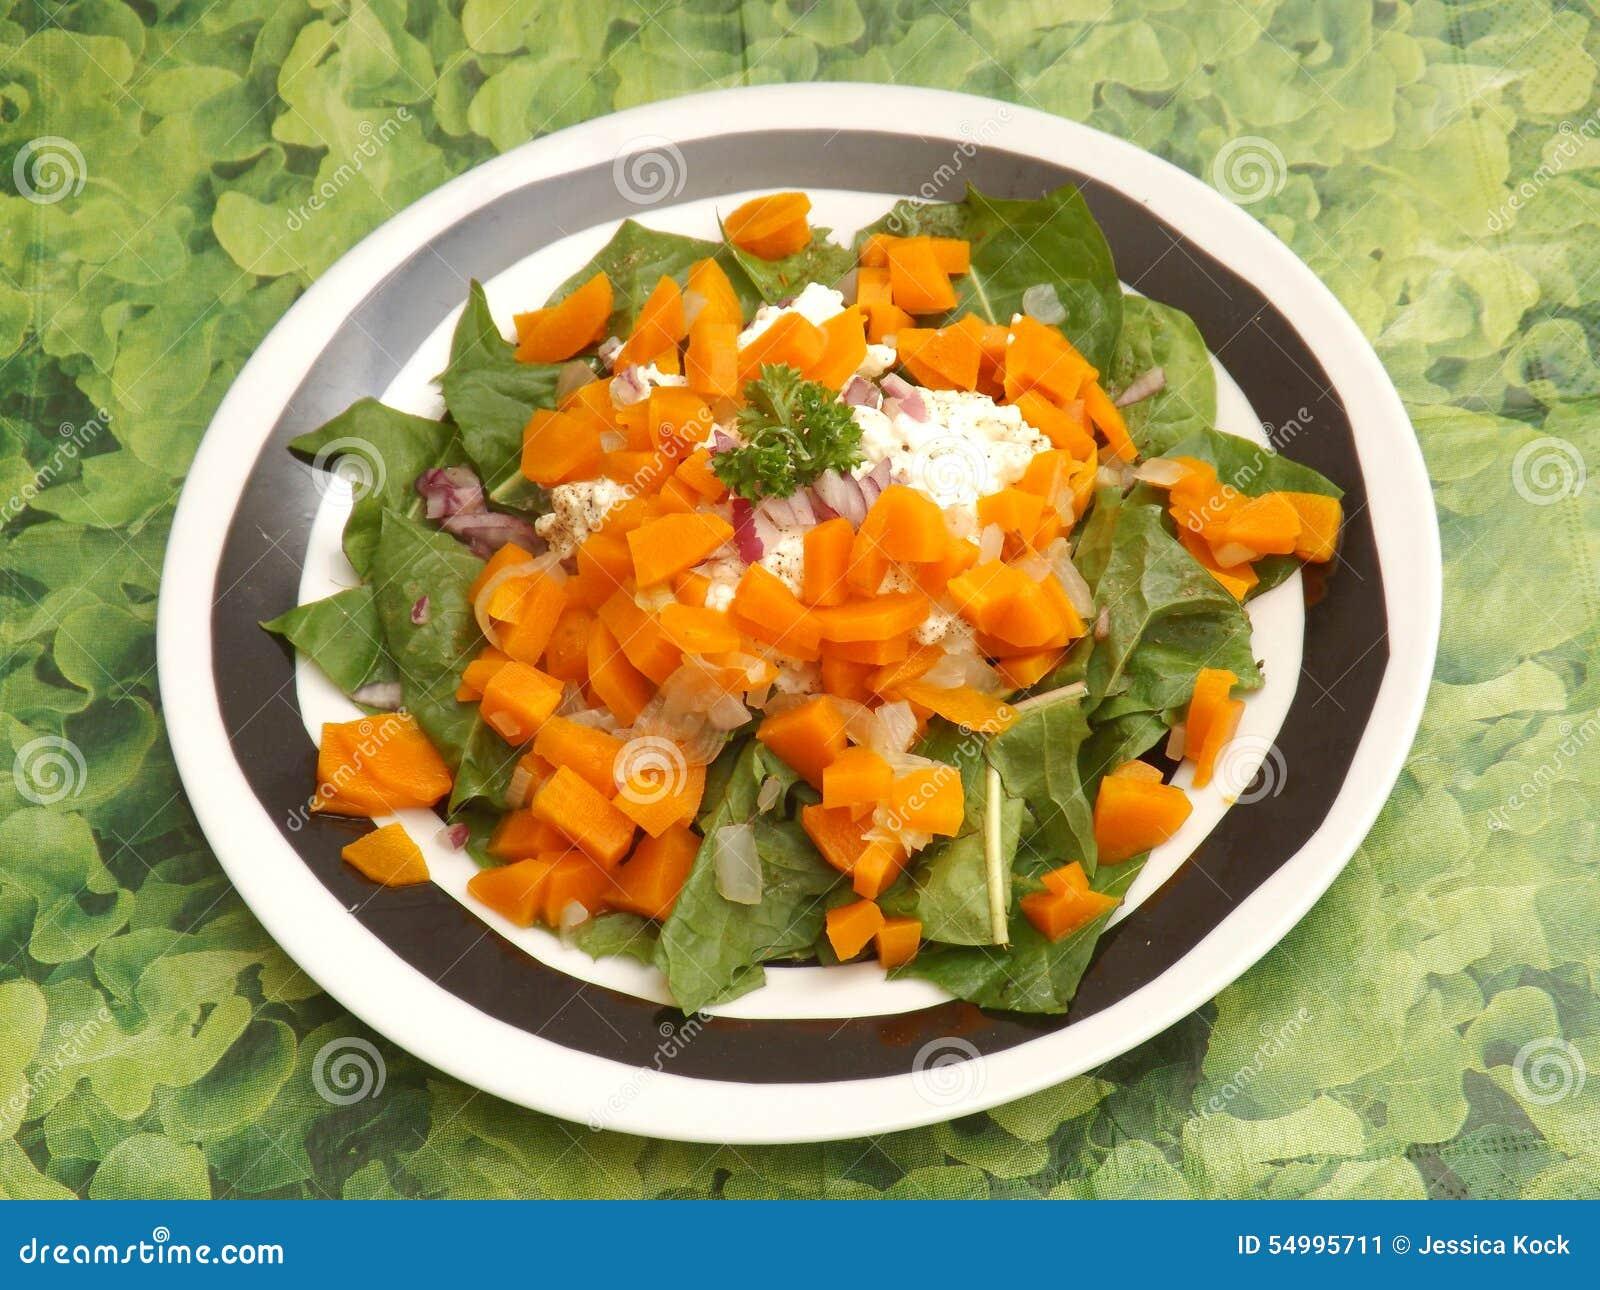 Salad of dandelion